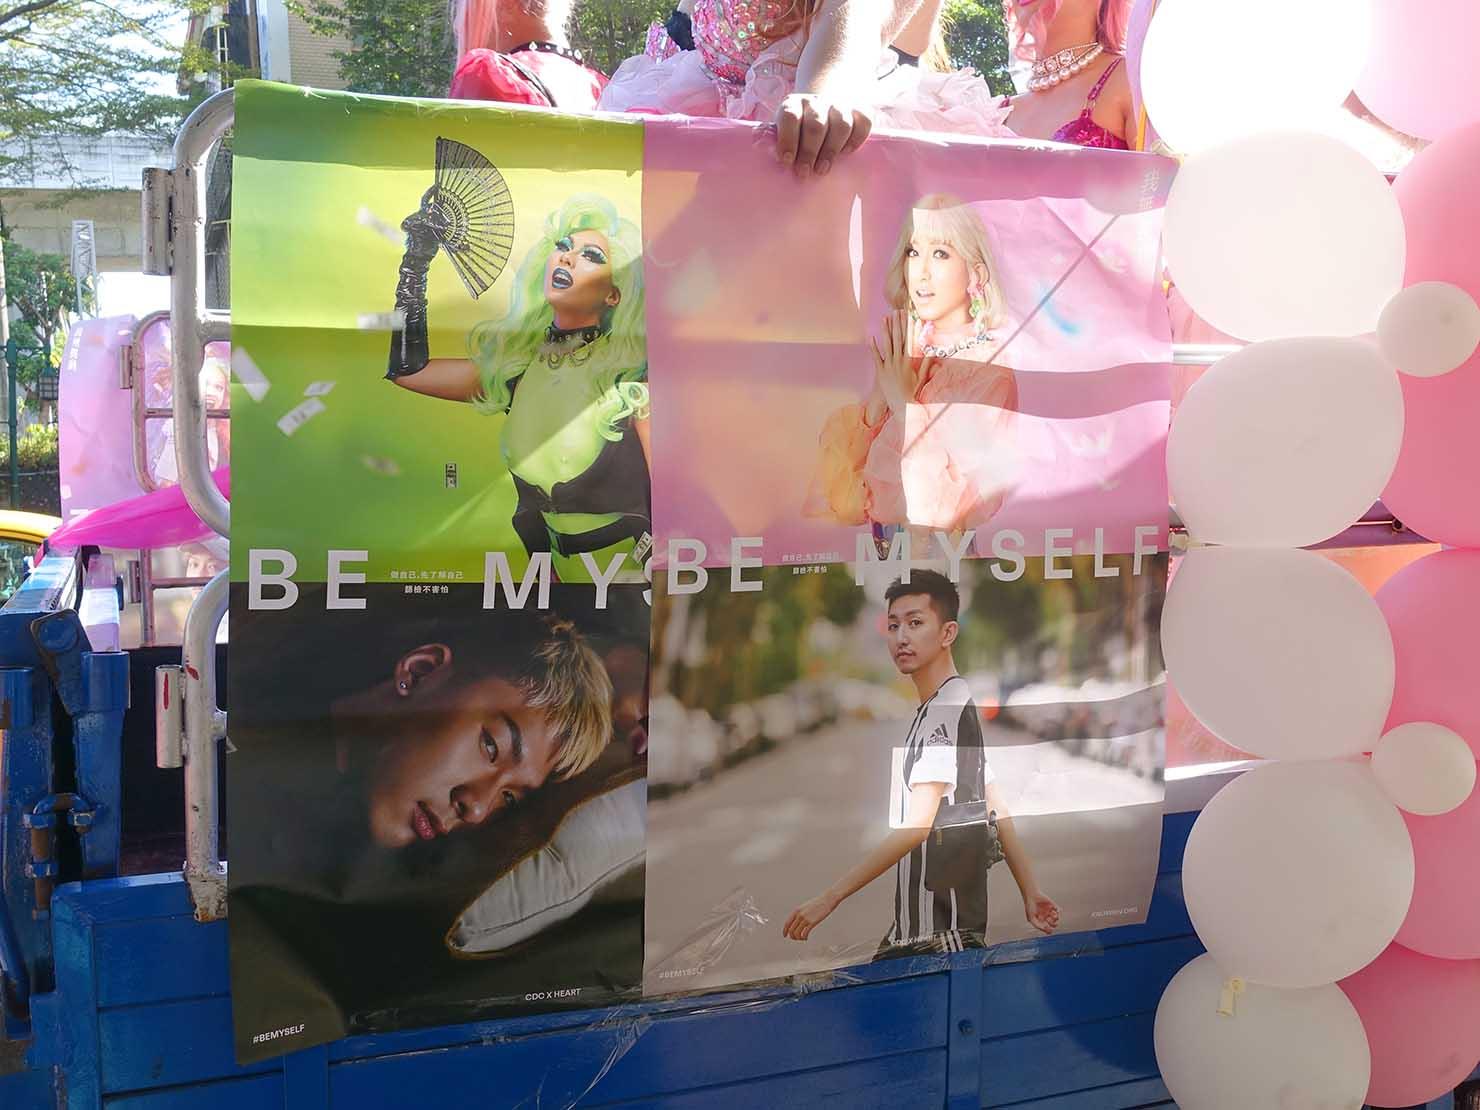 台中同志遊行(台中LGBTプライド)2019のパレードカーに貼られたポスター